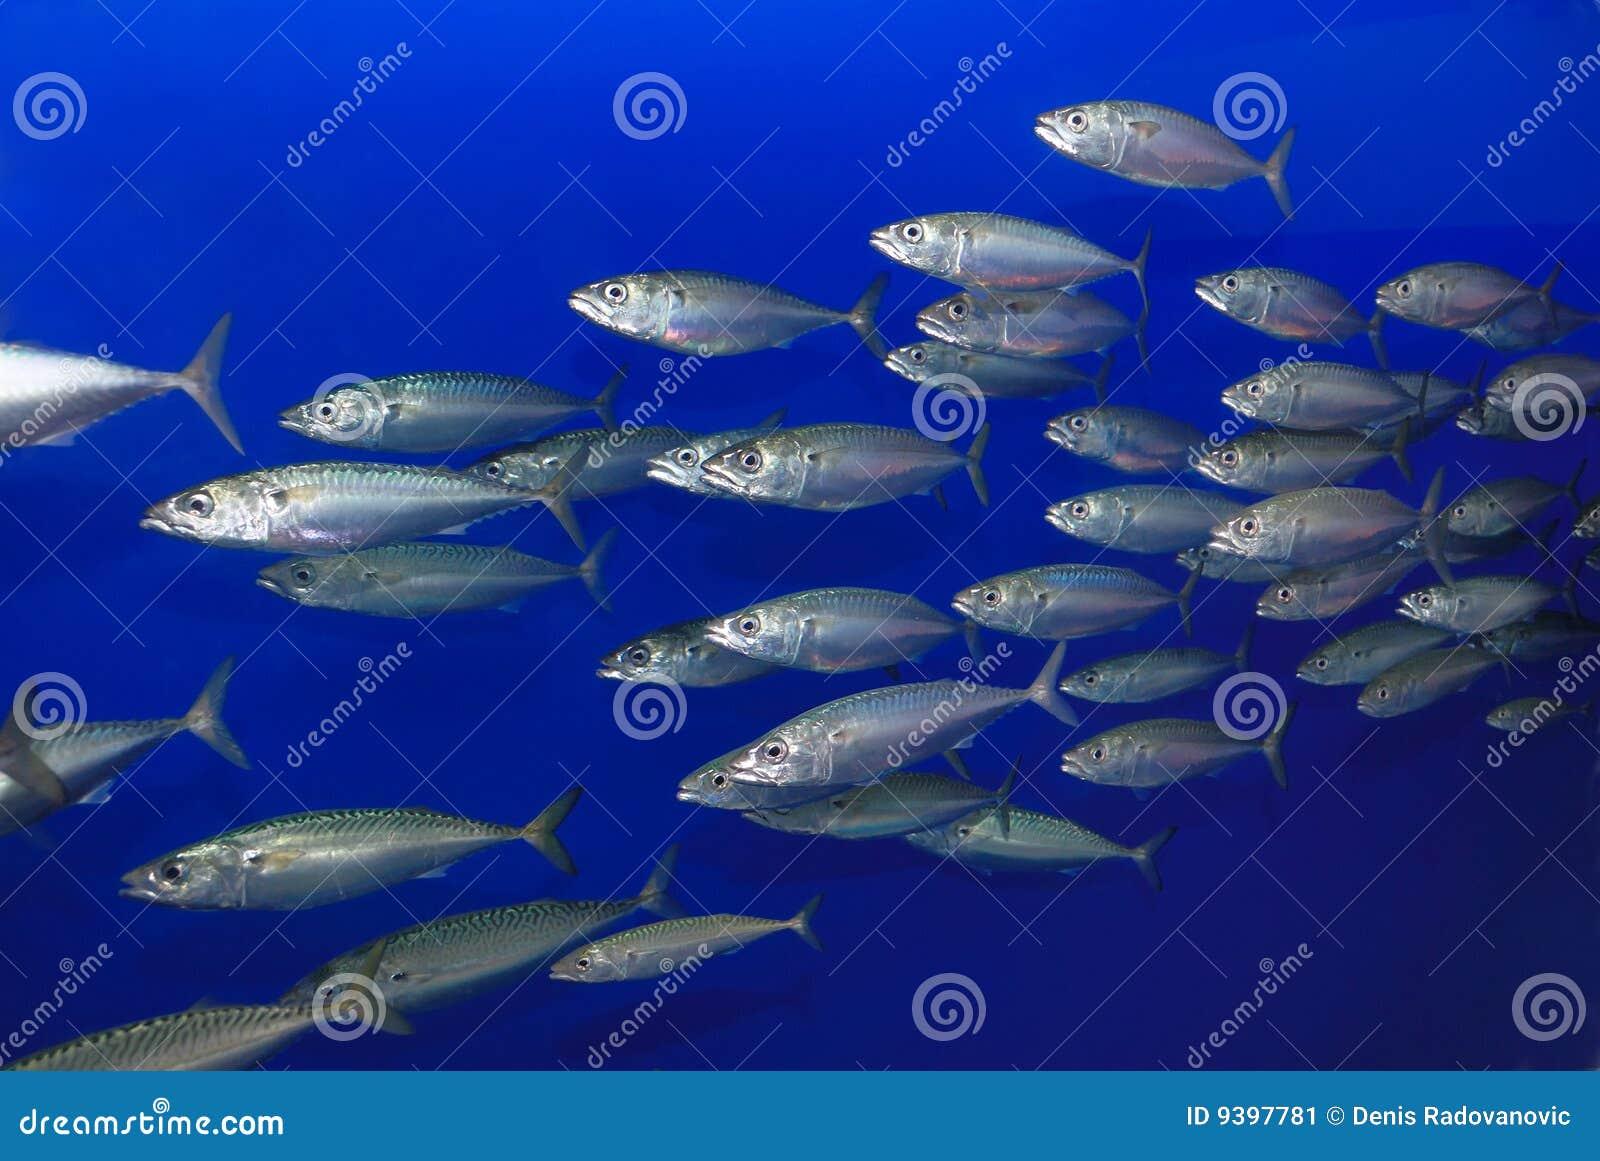 école de sardines